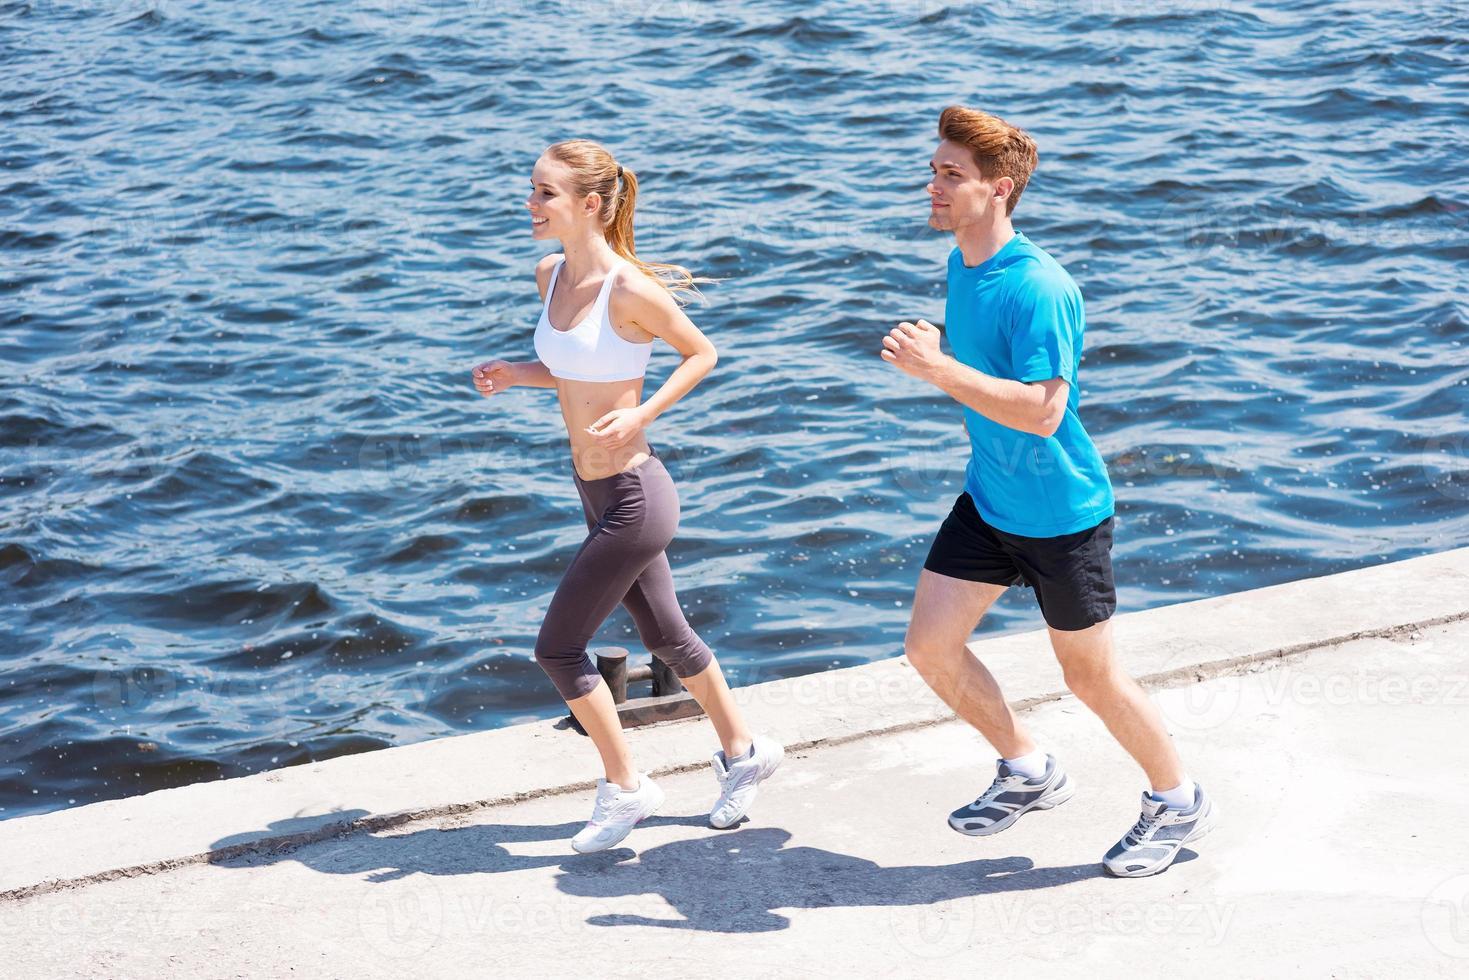 faire du jogging ensemble. photo